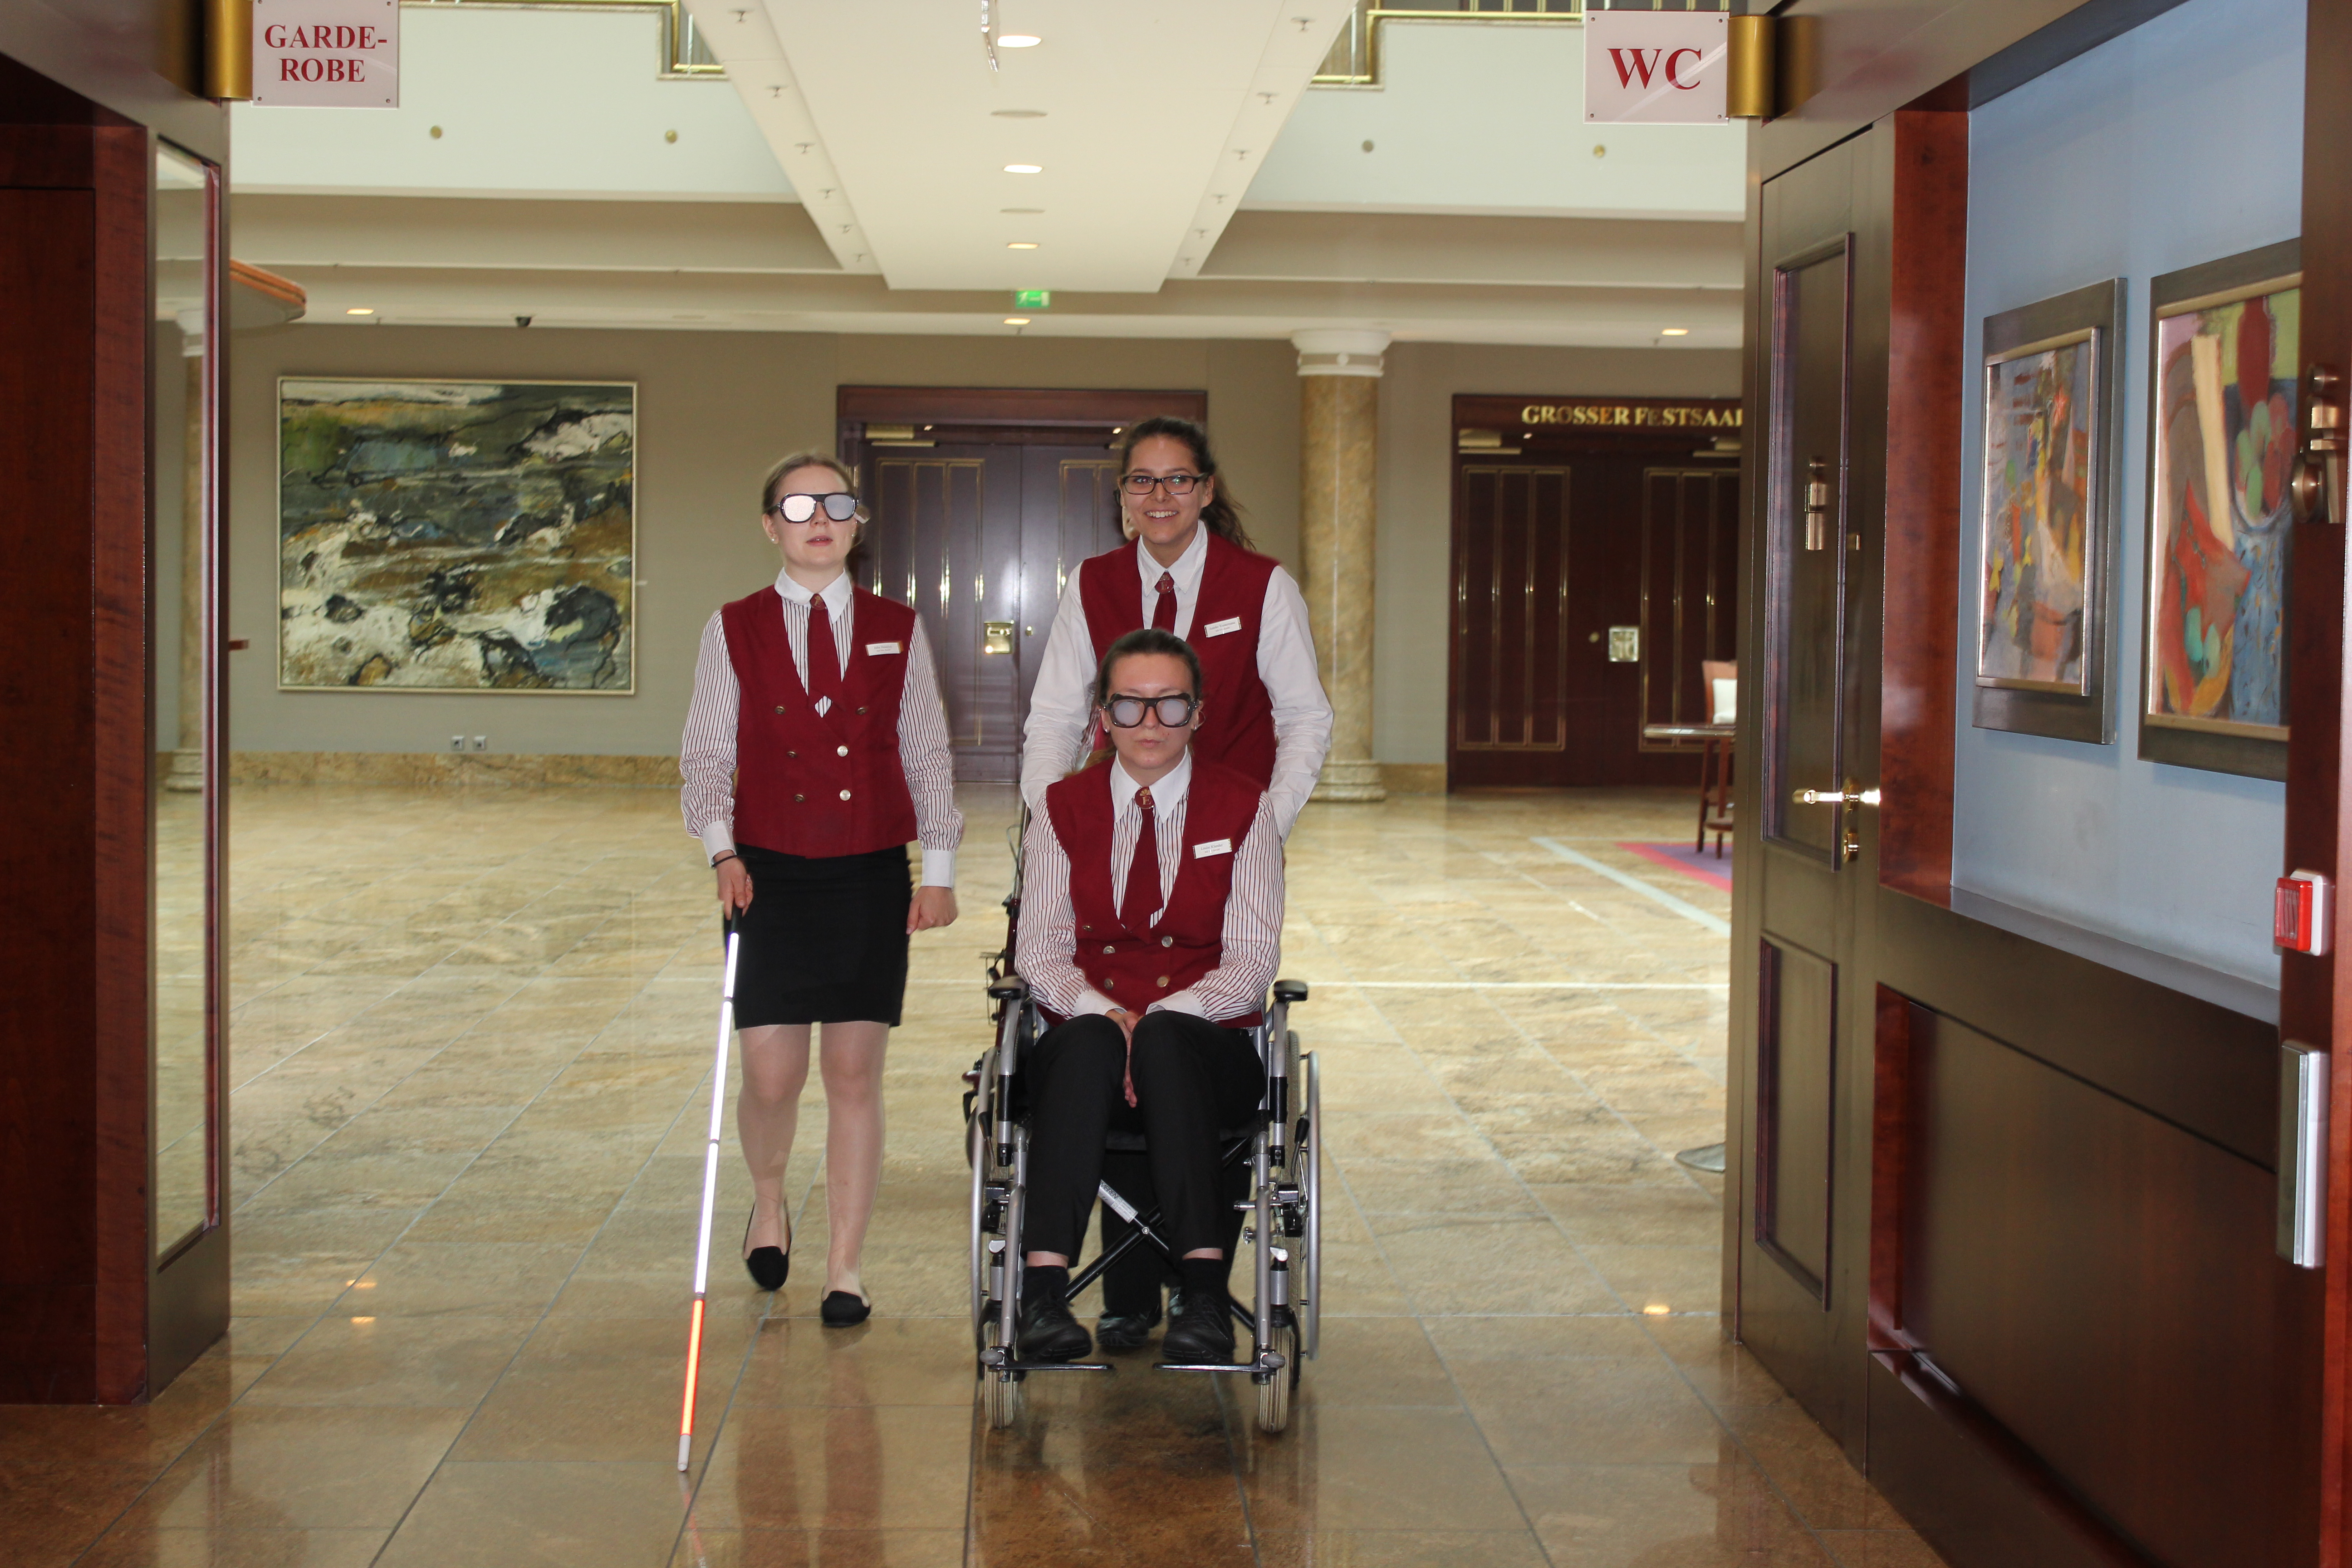 Drei Frauen, eine wird im Rollstuhl geschoben